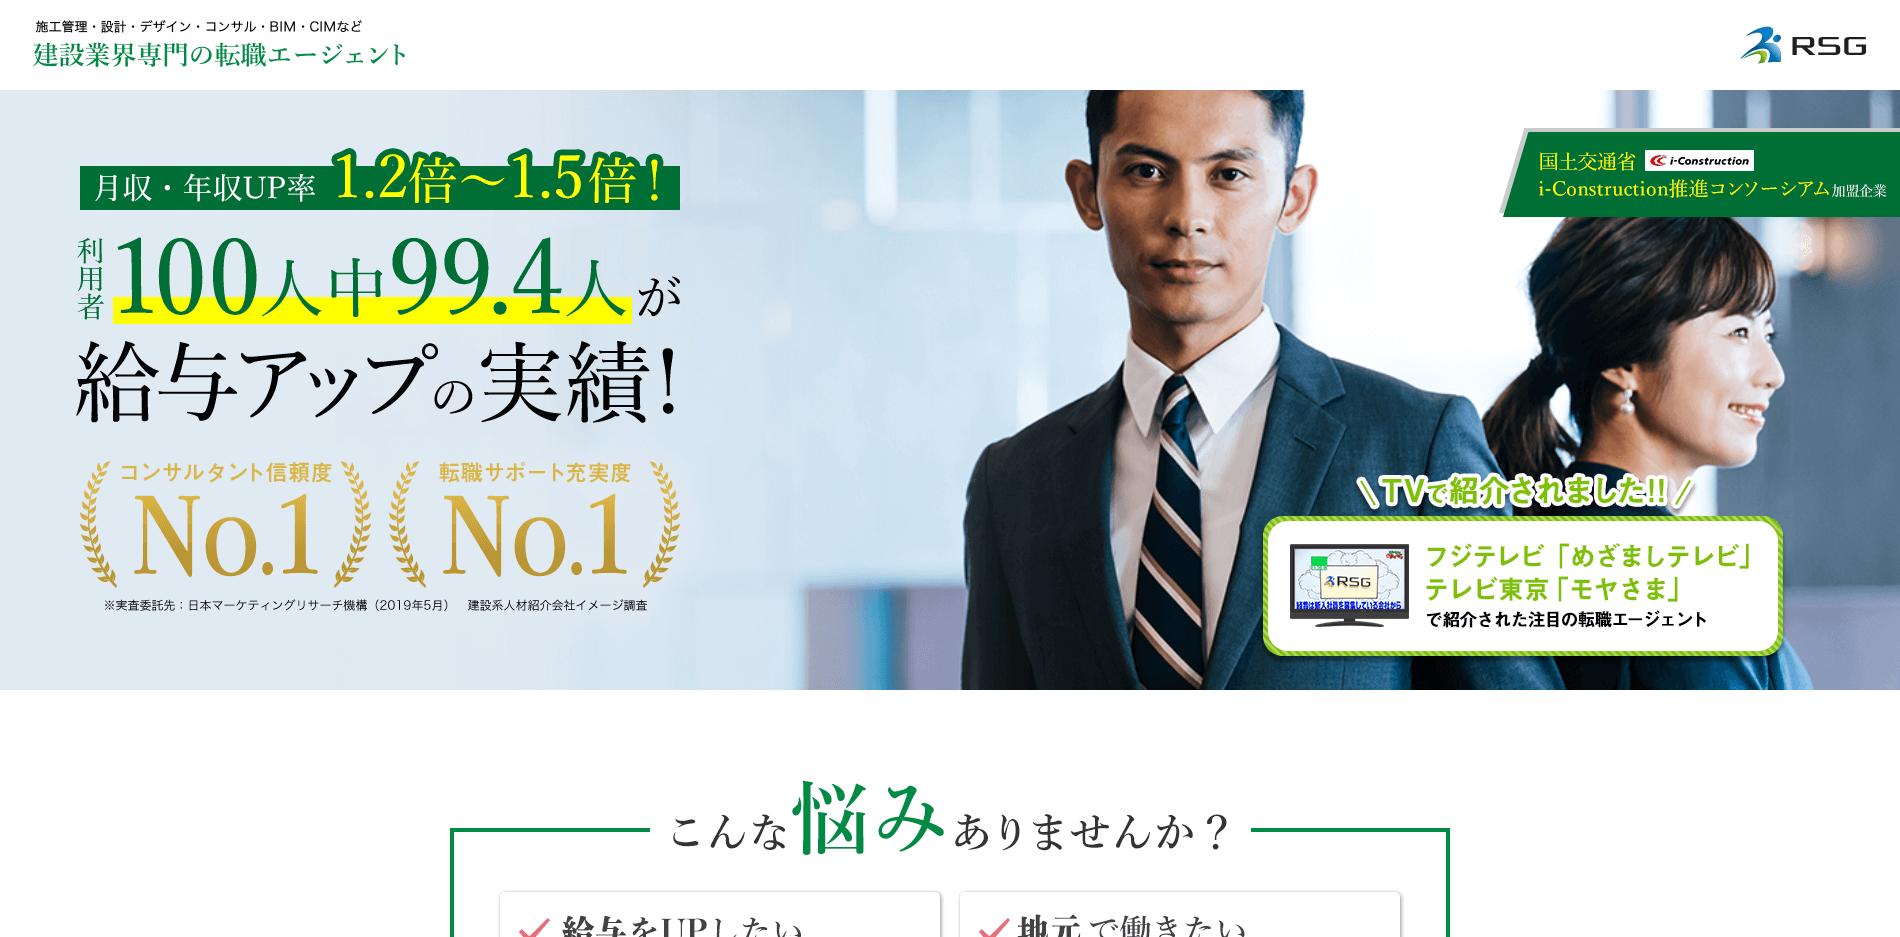 施工管理求人.jpの画像